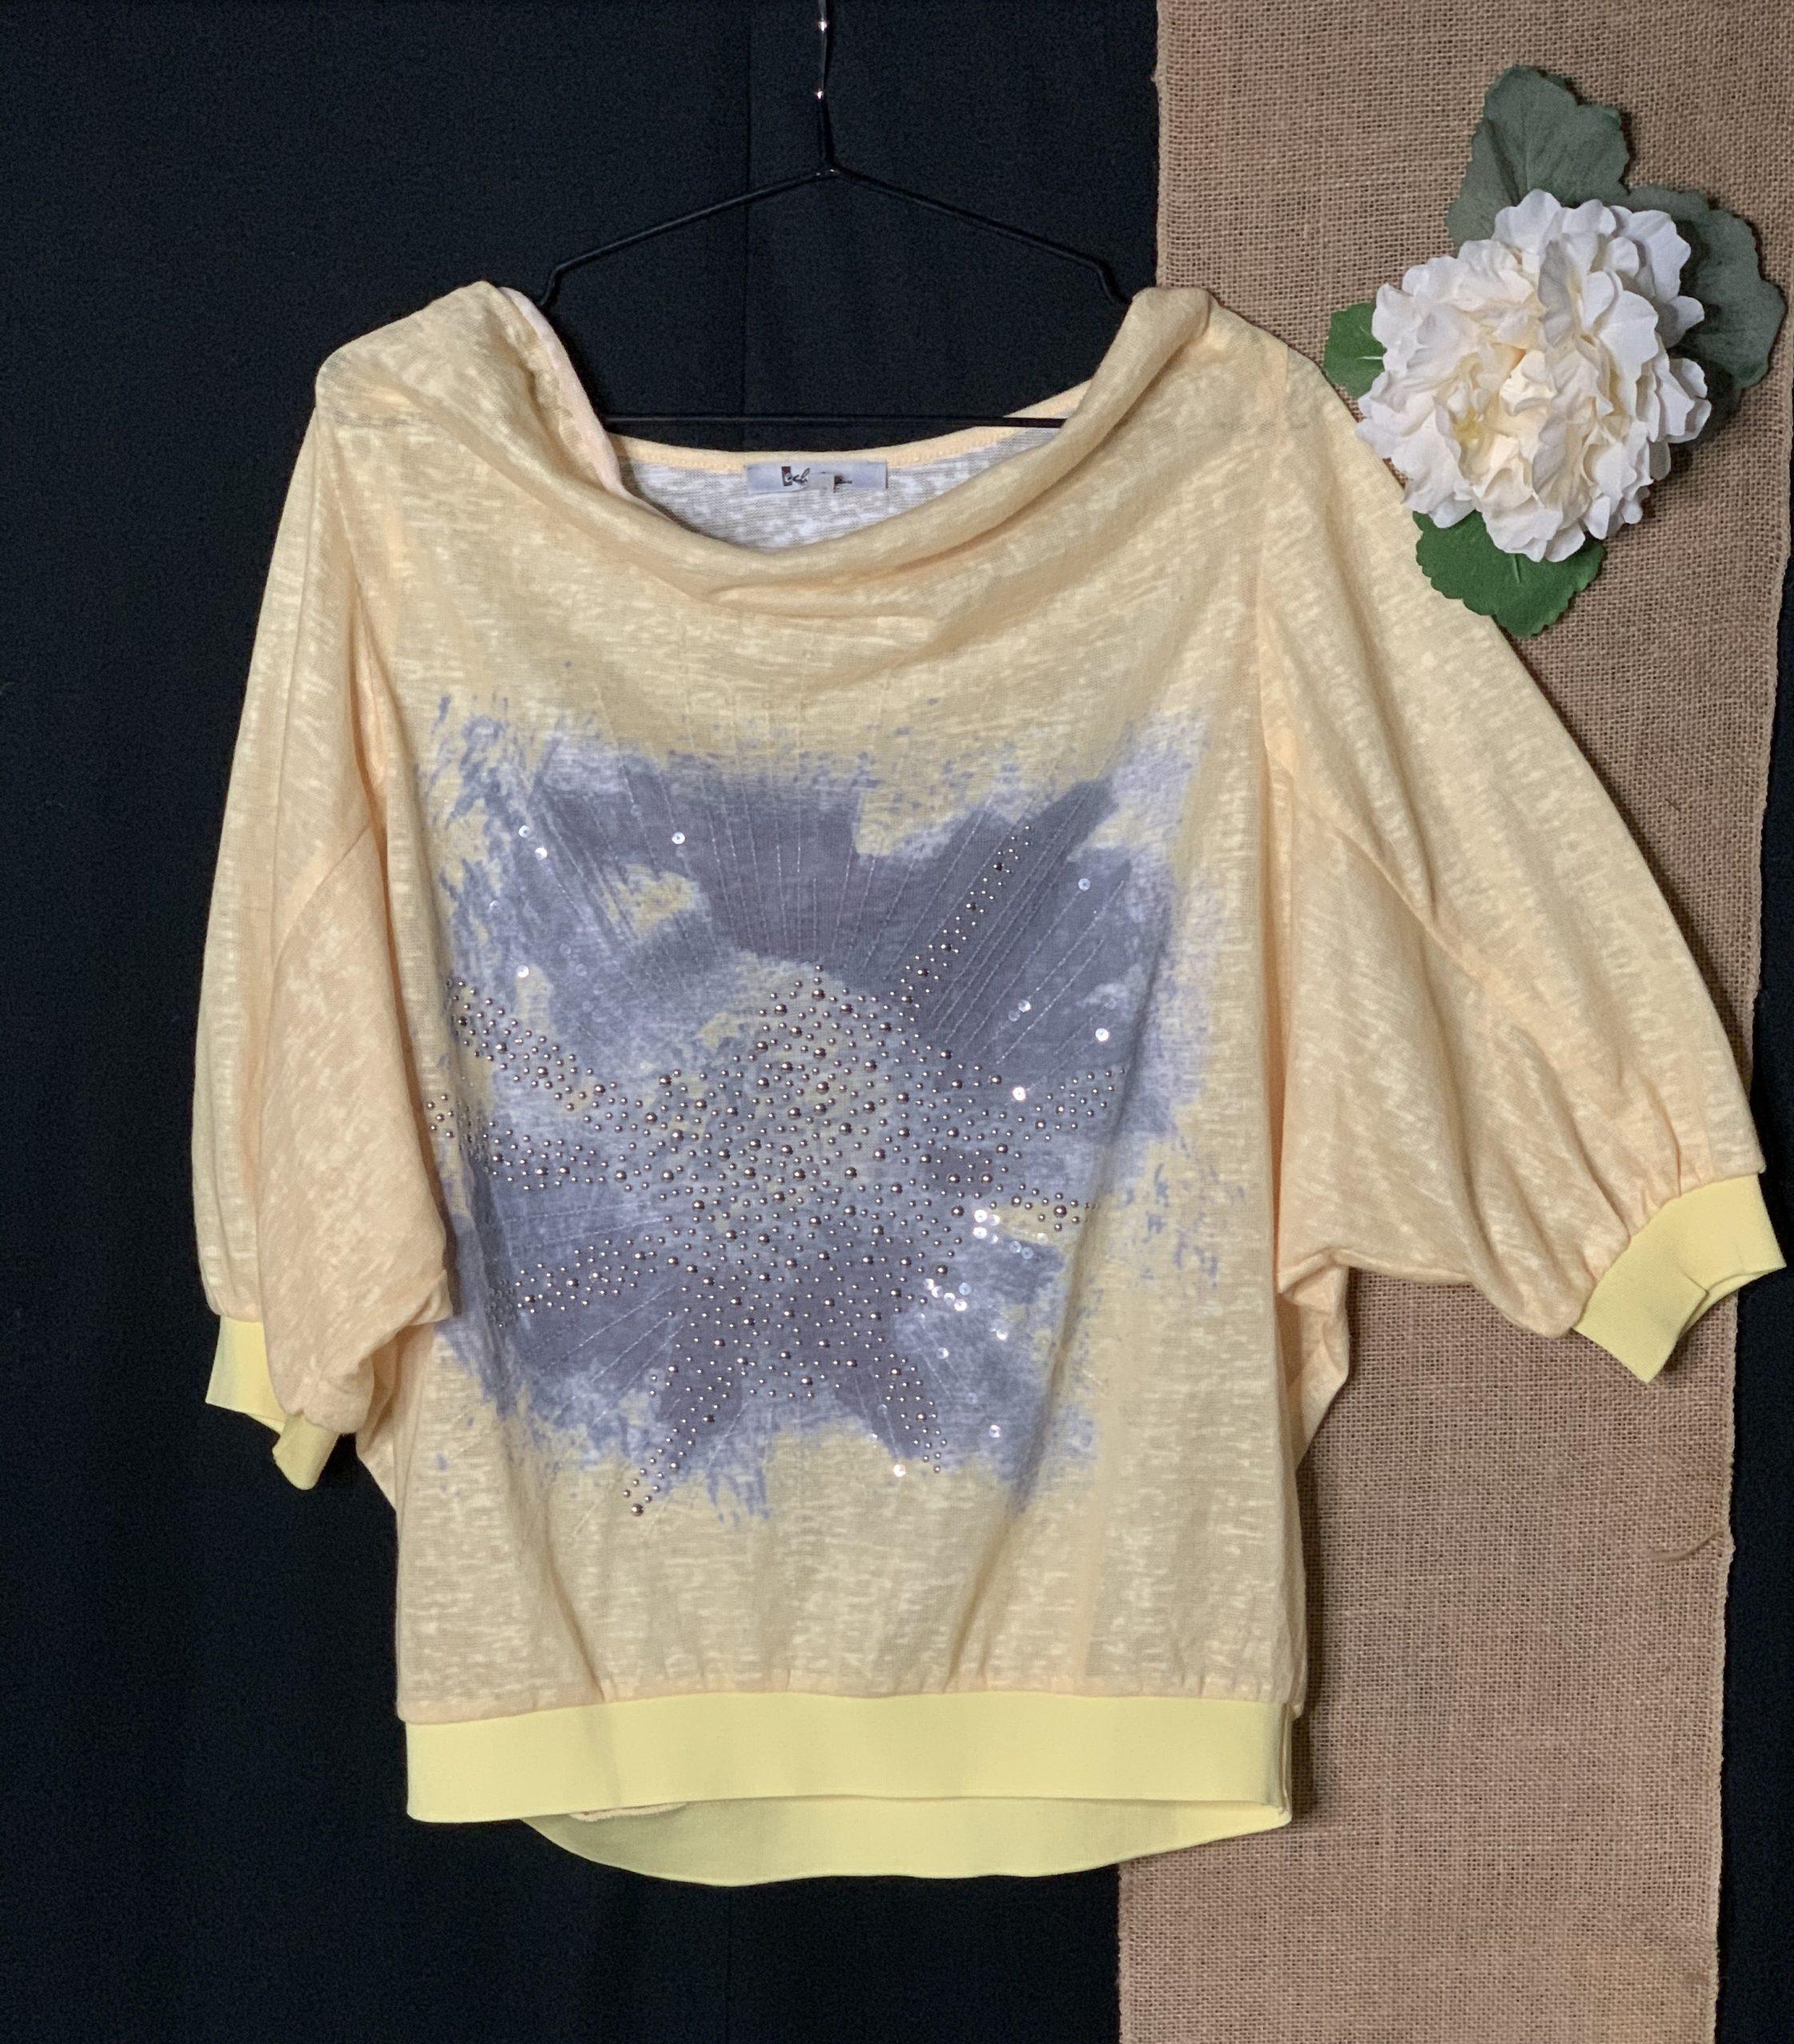 Stylish yellow blouse